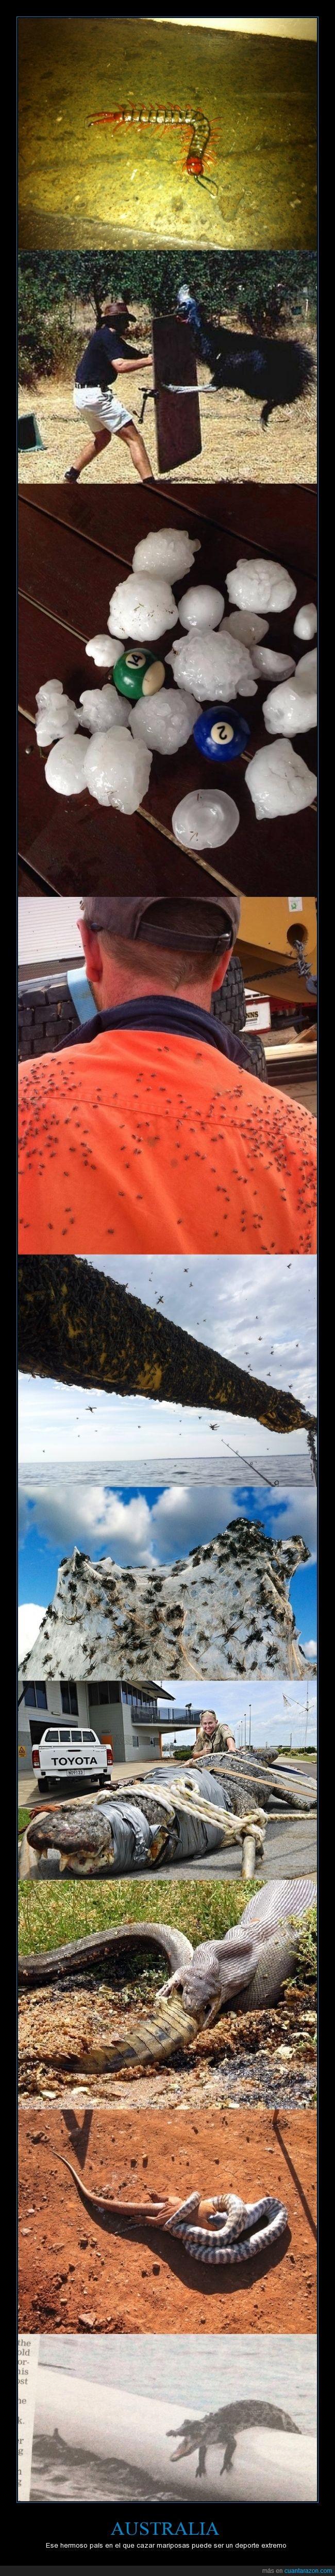 animal,ataque,Australia,Cocodrilos,granizo,naturaleza,No se que es lo de la tercera imagen,Oye tío tienes un mosquito en la espalda,serpiente